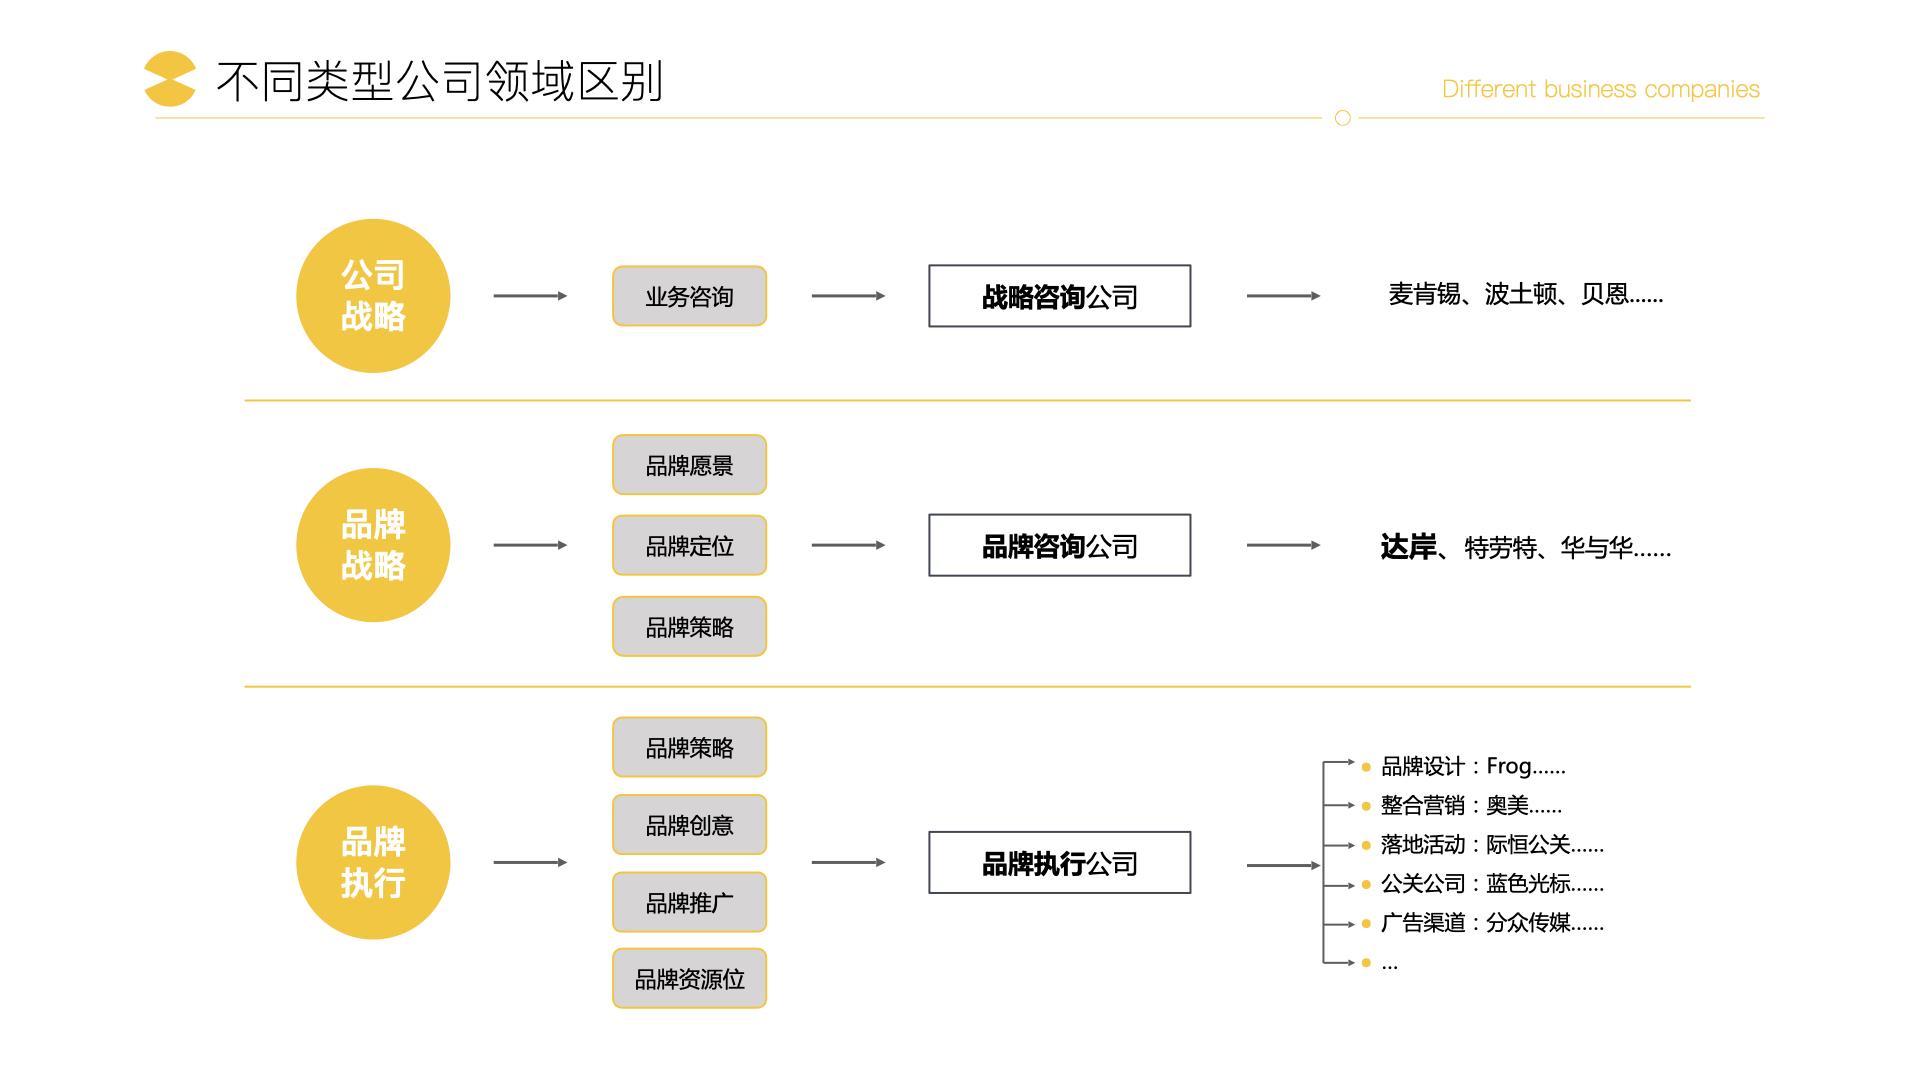 【公司-企业介绍】达岸品牌营销机构20200526.013